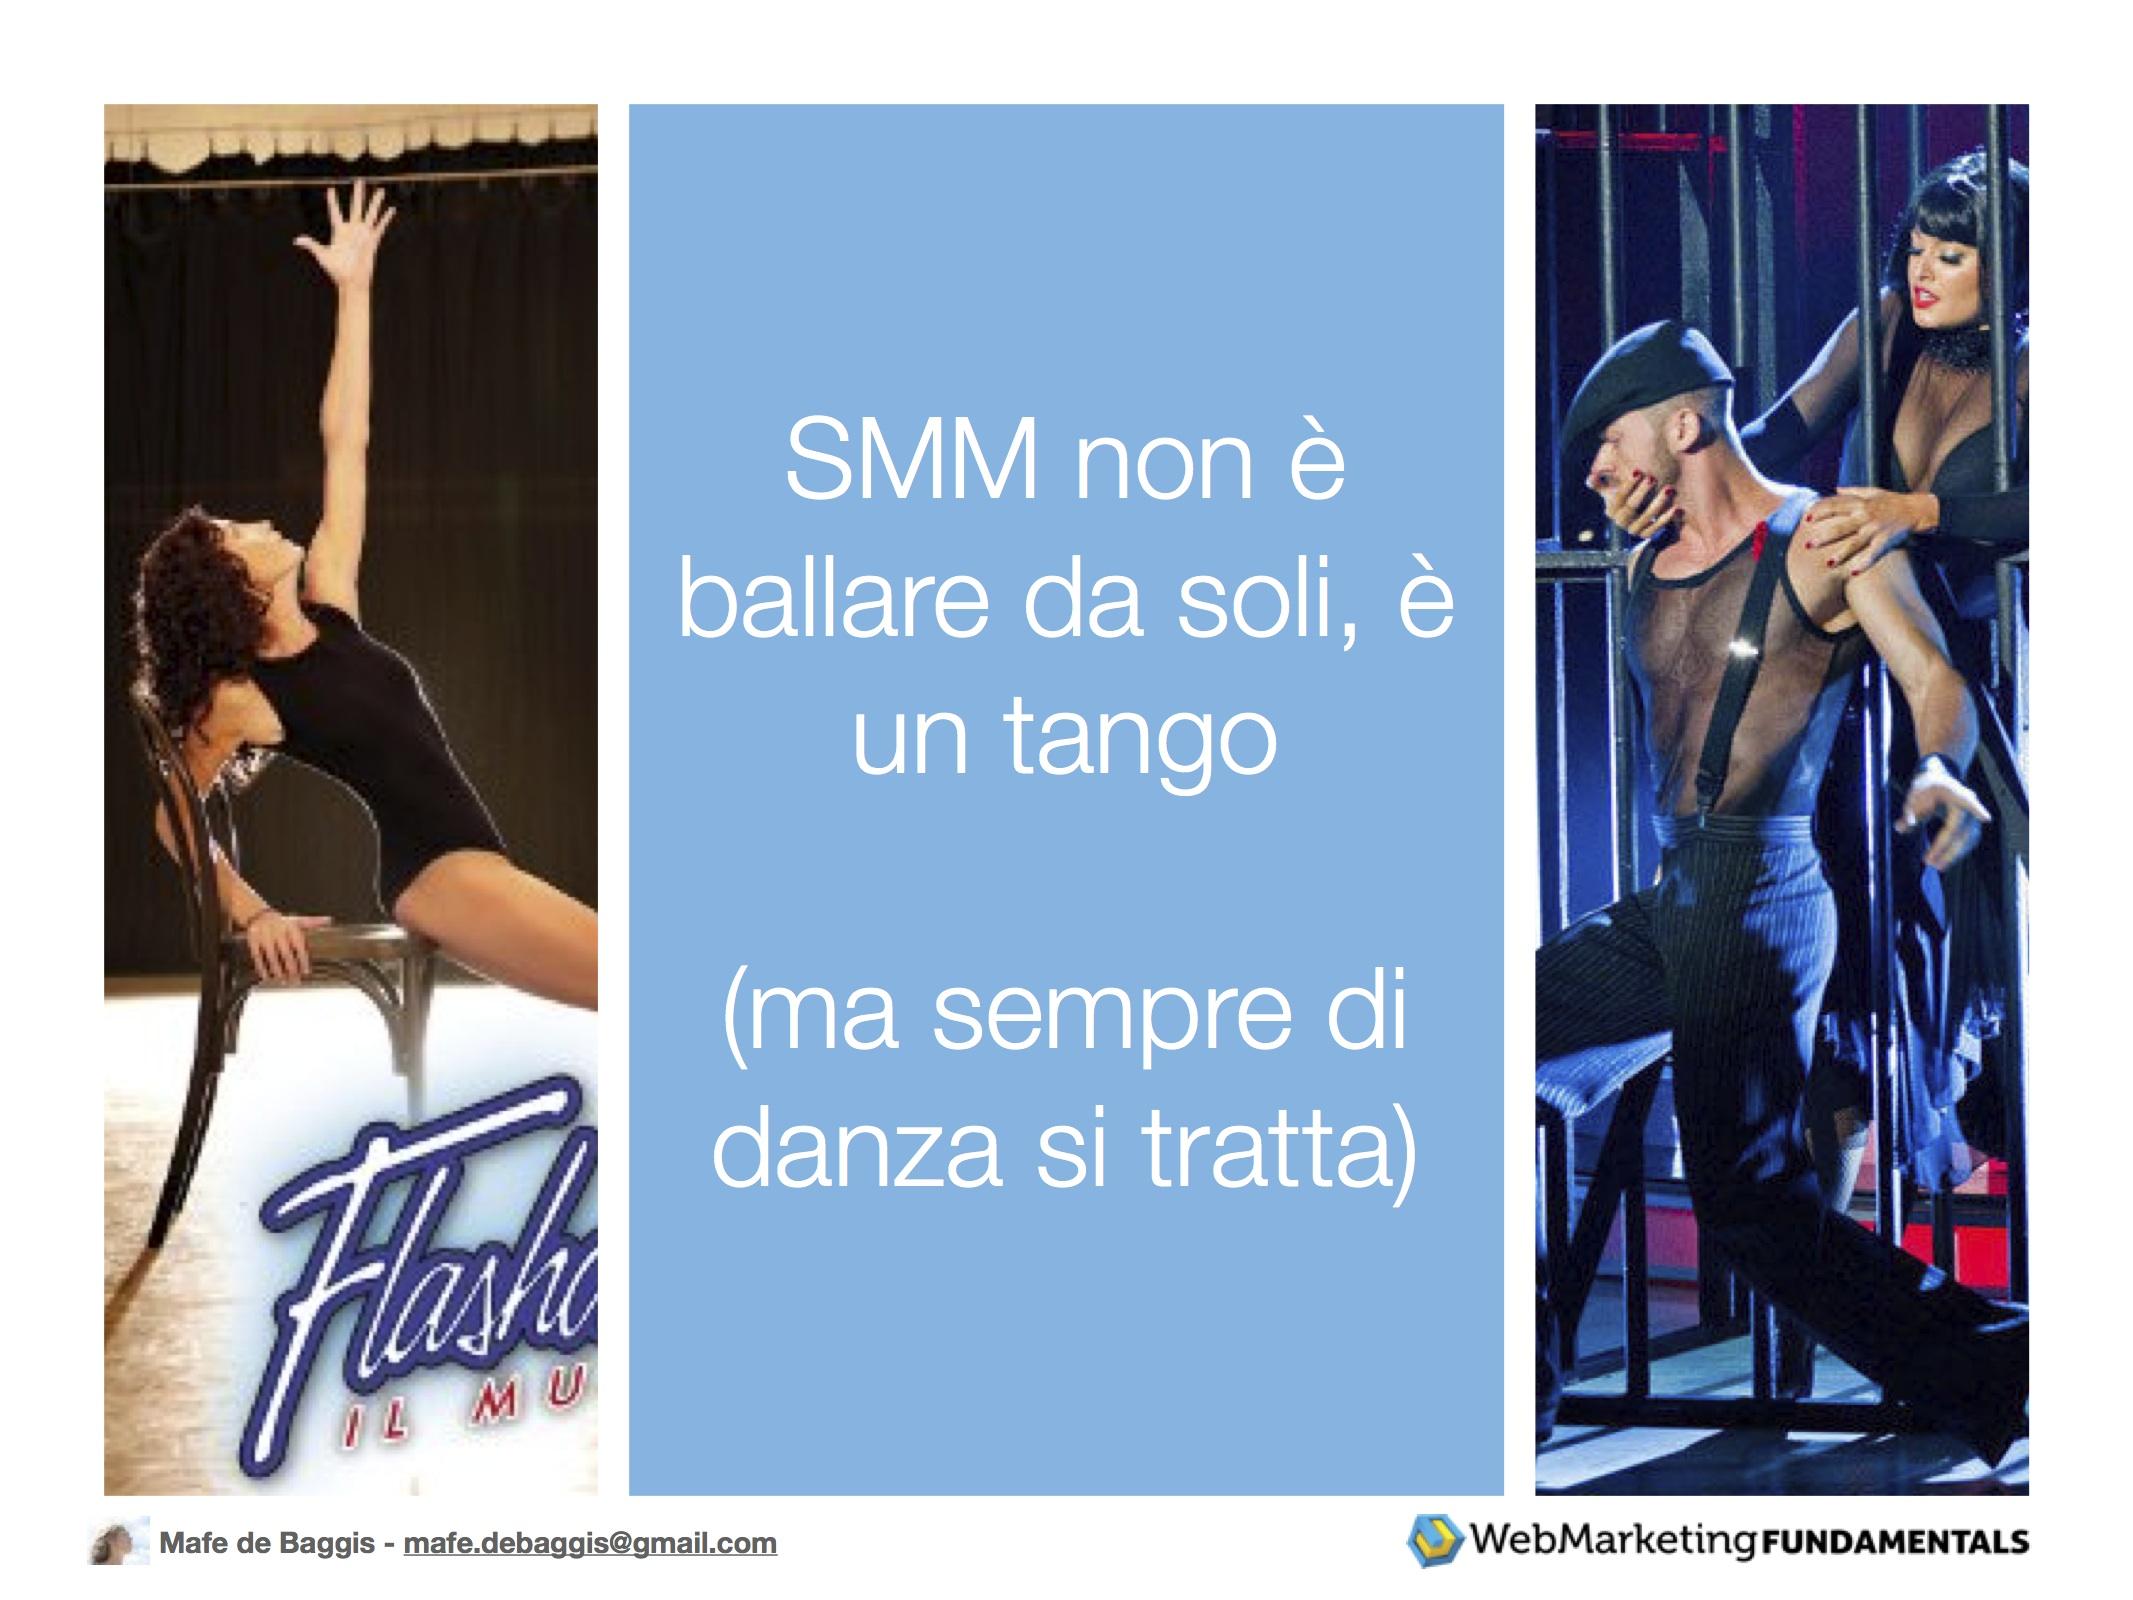 SMM non è ballare da soli, è un tango (ma sempre di danza si tratta)